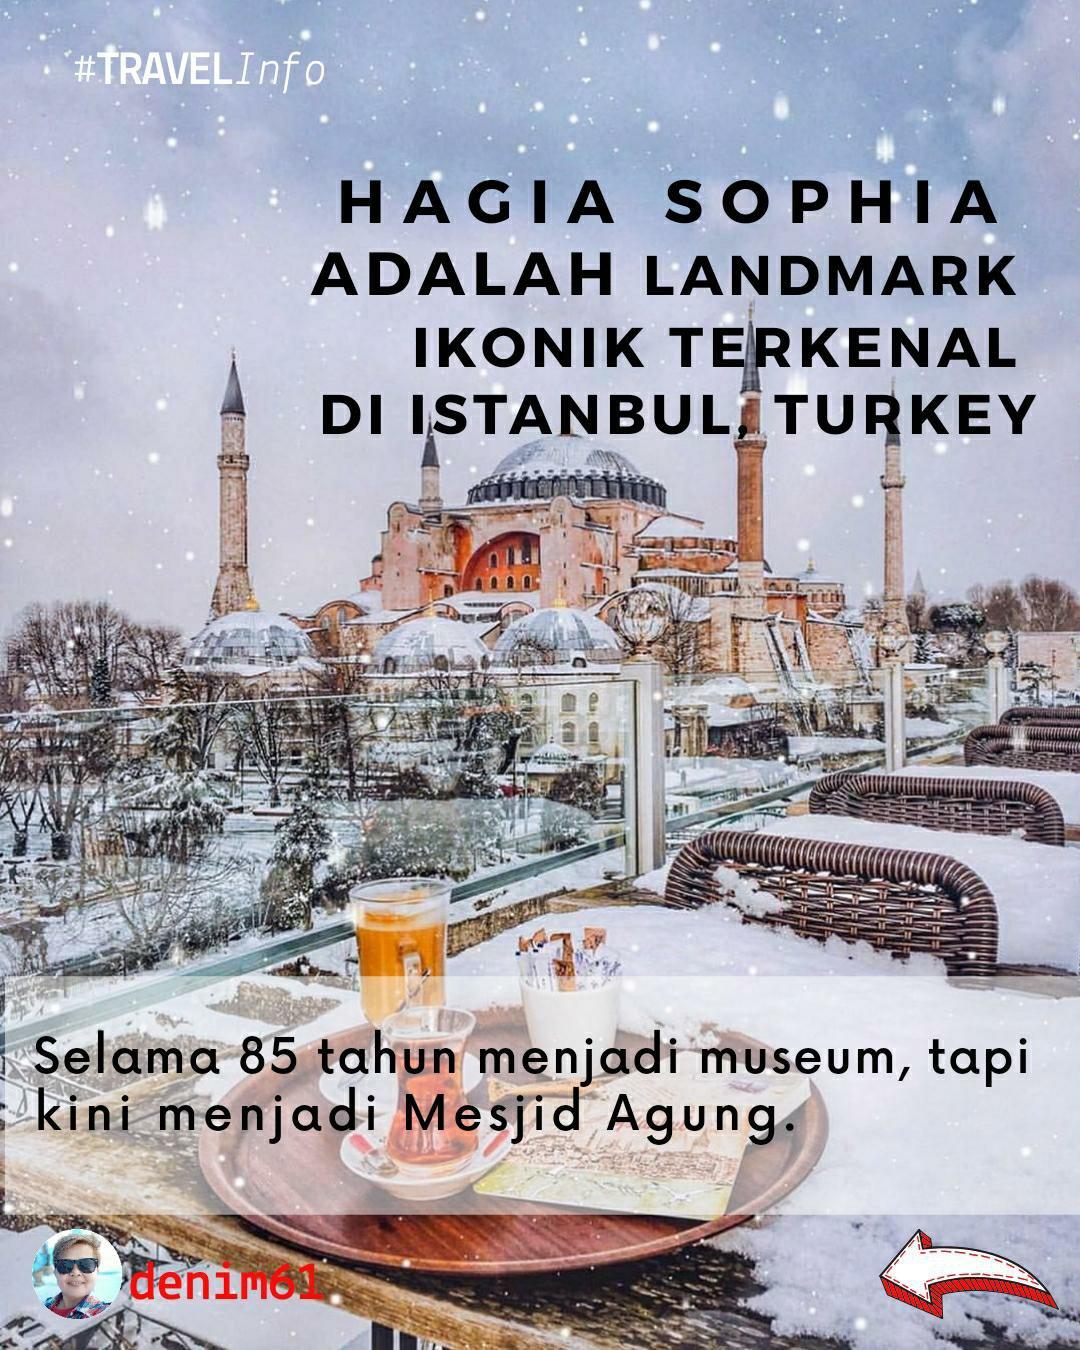 Hagia Sophia mosque 2020